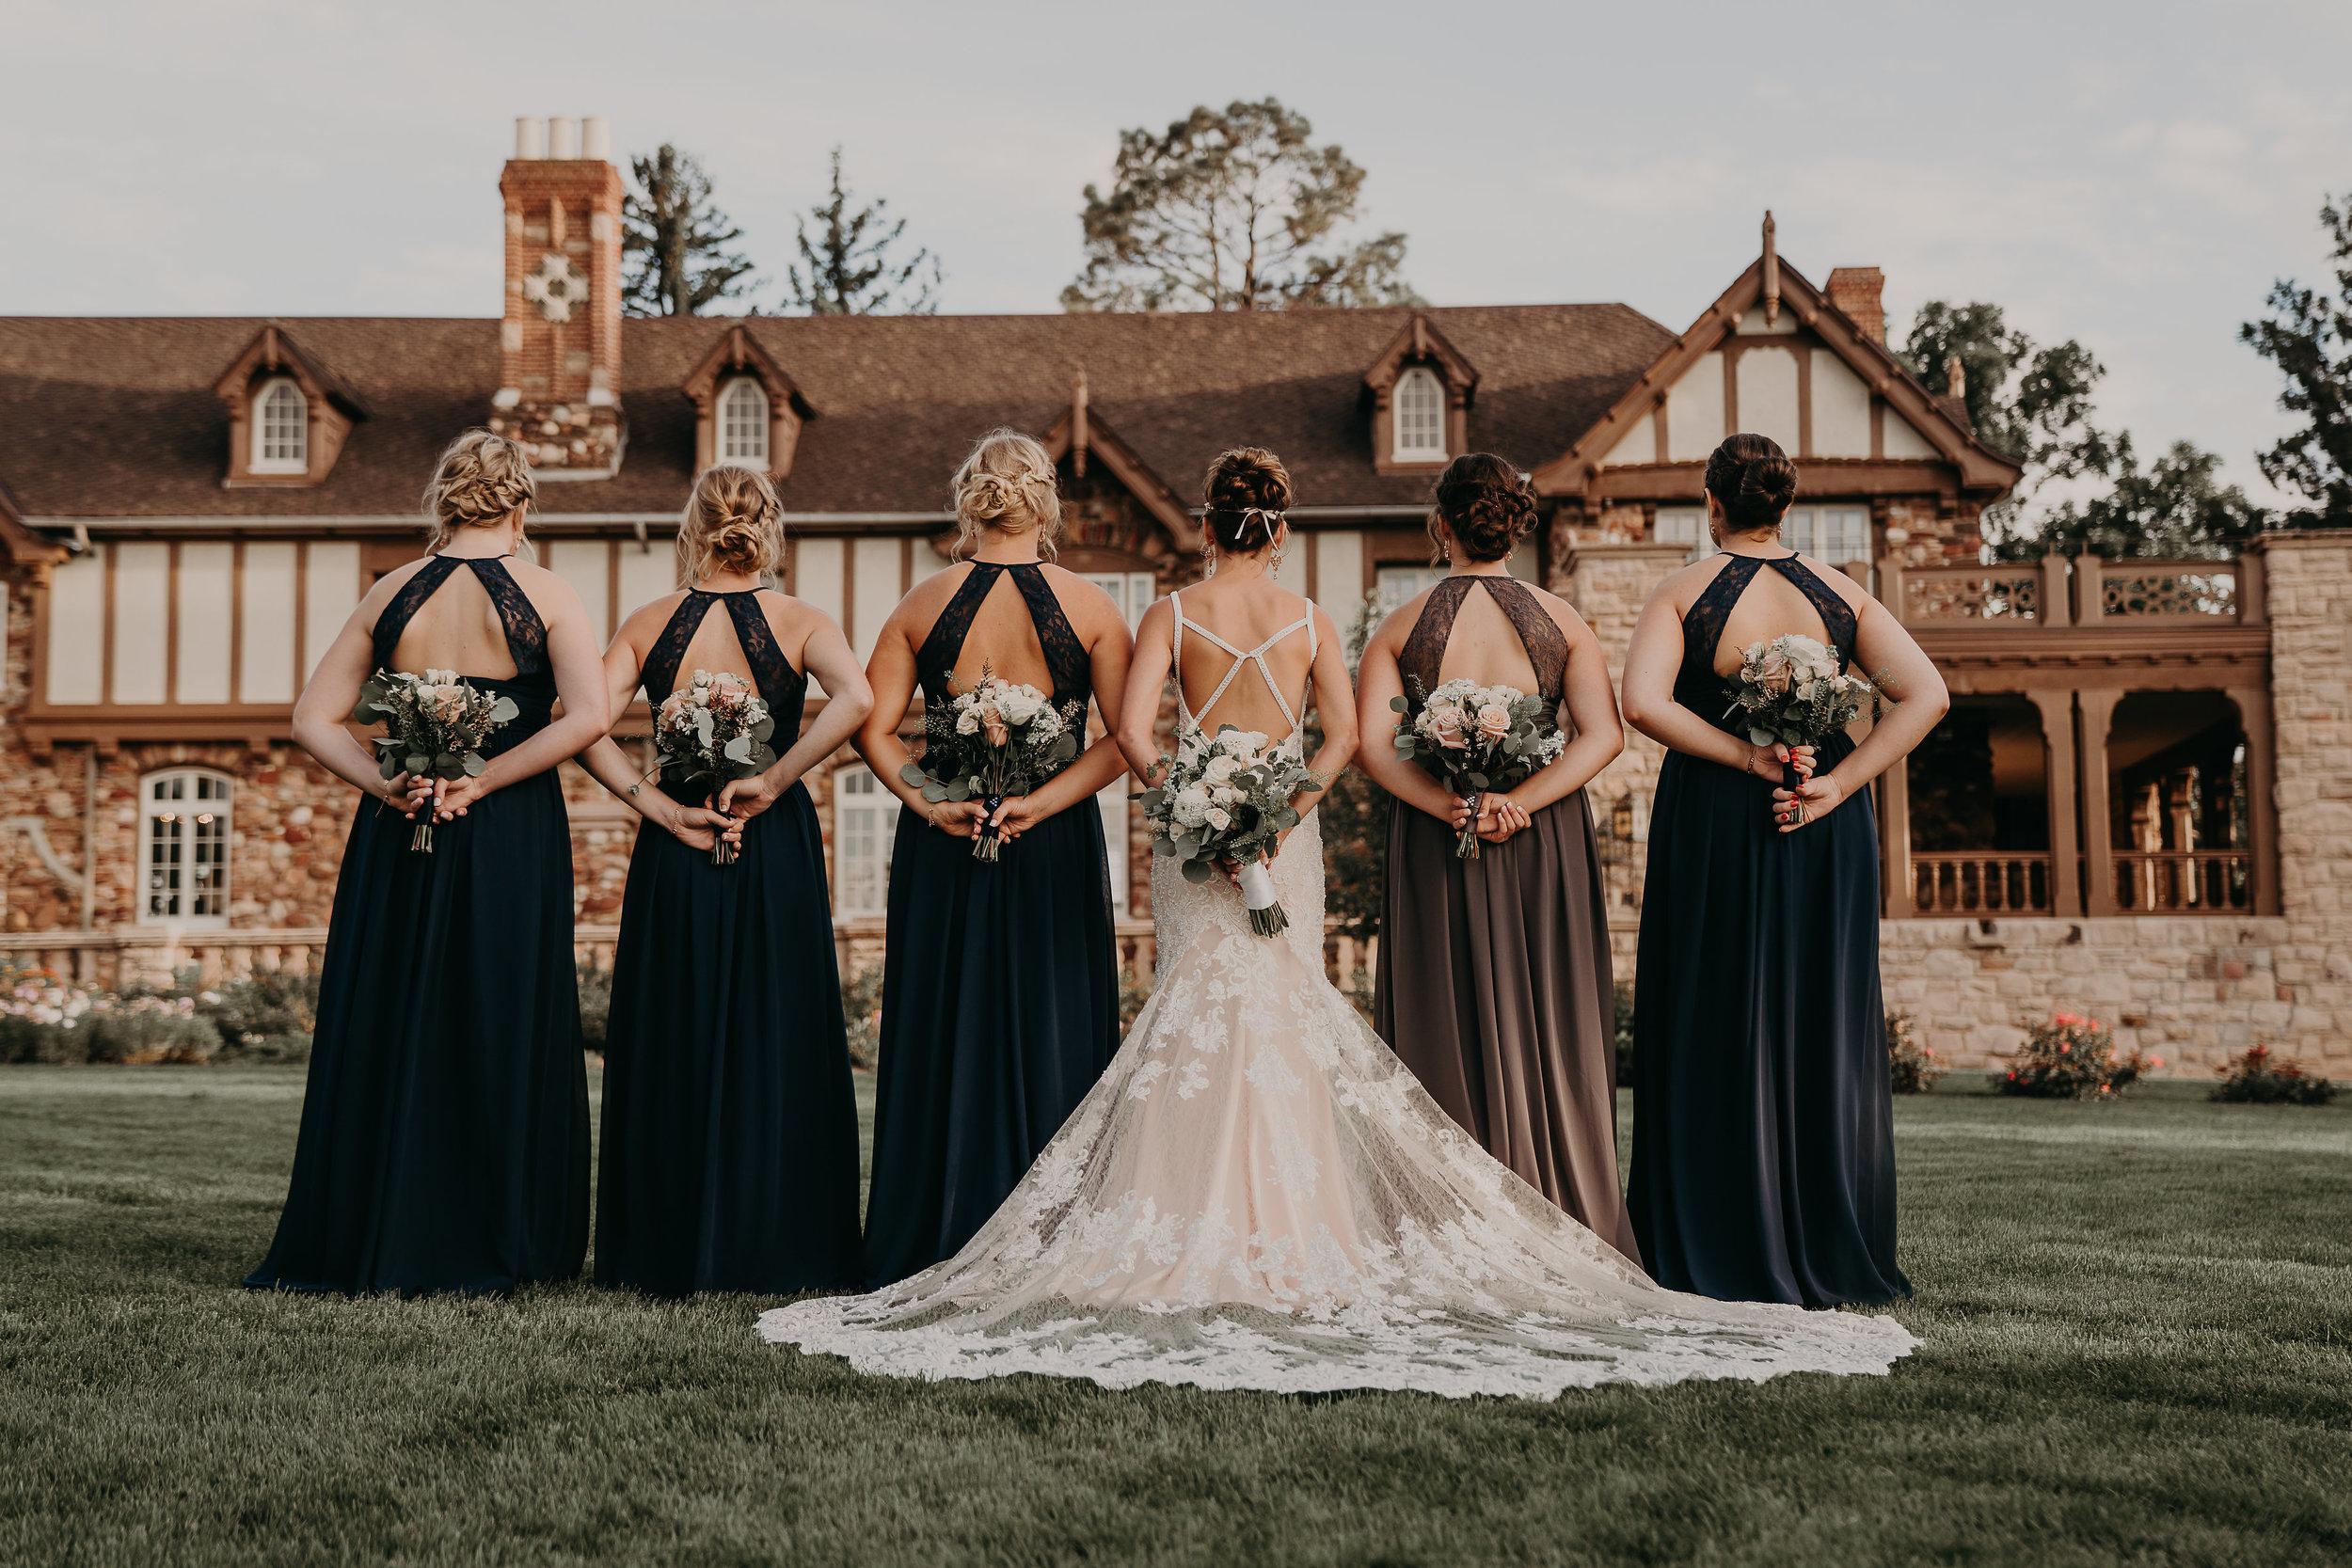 formal-wedding-attire.jpg